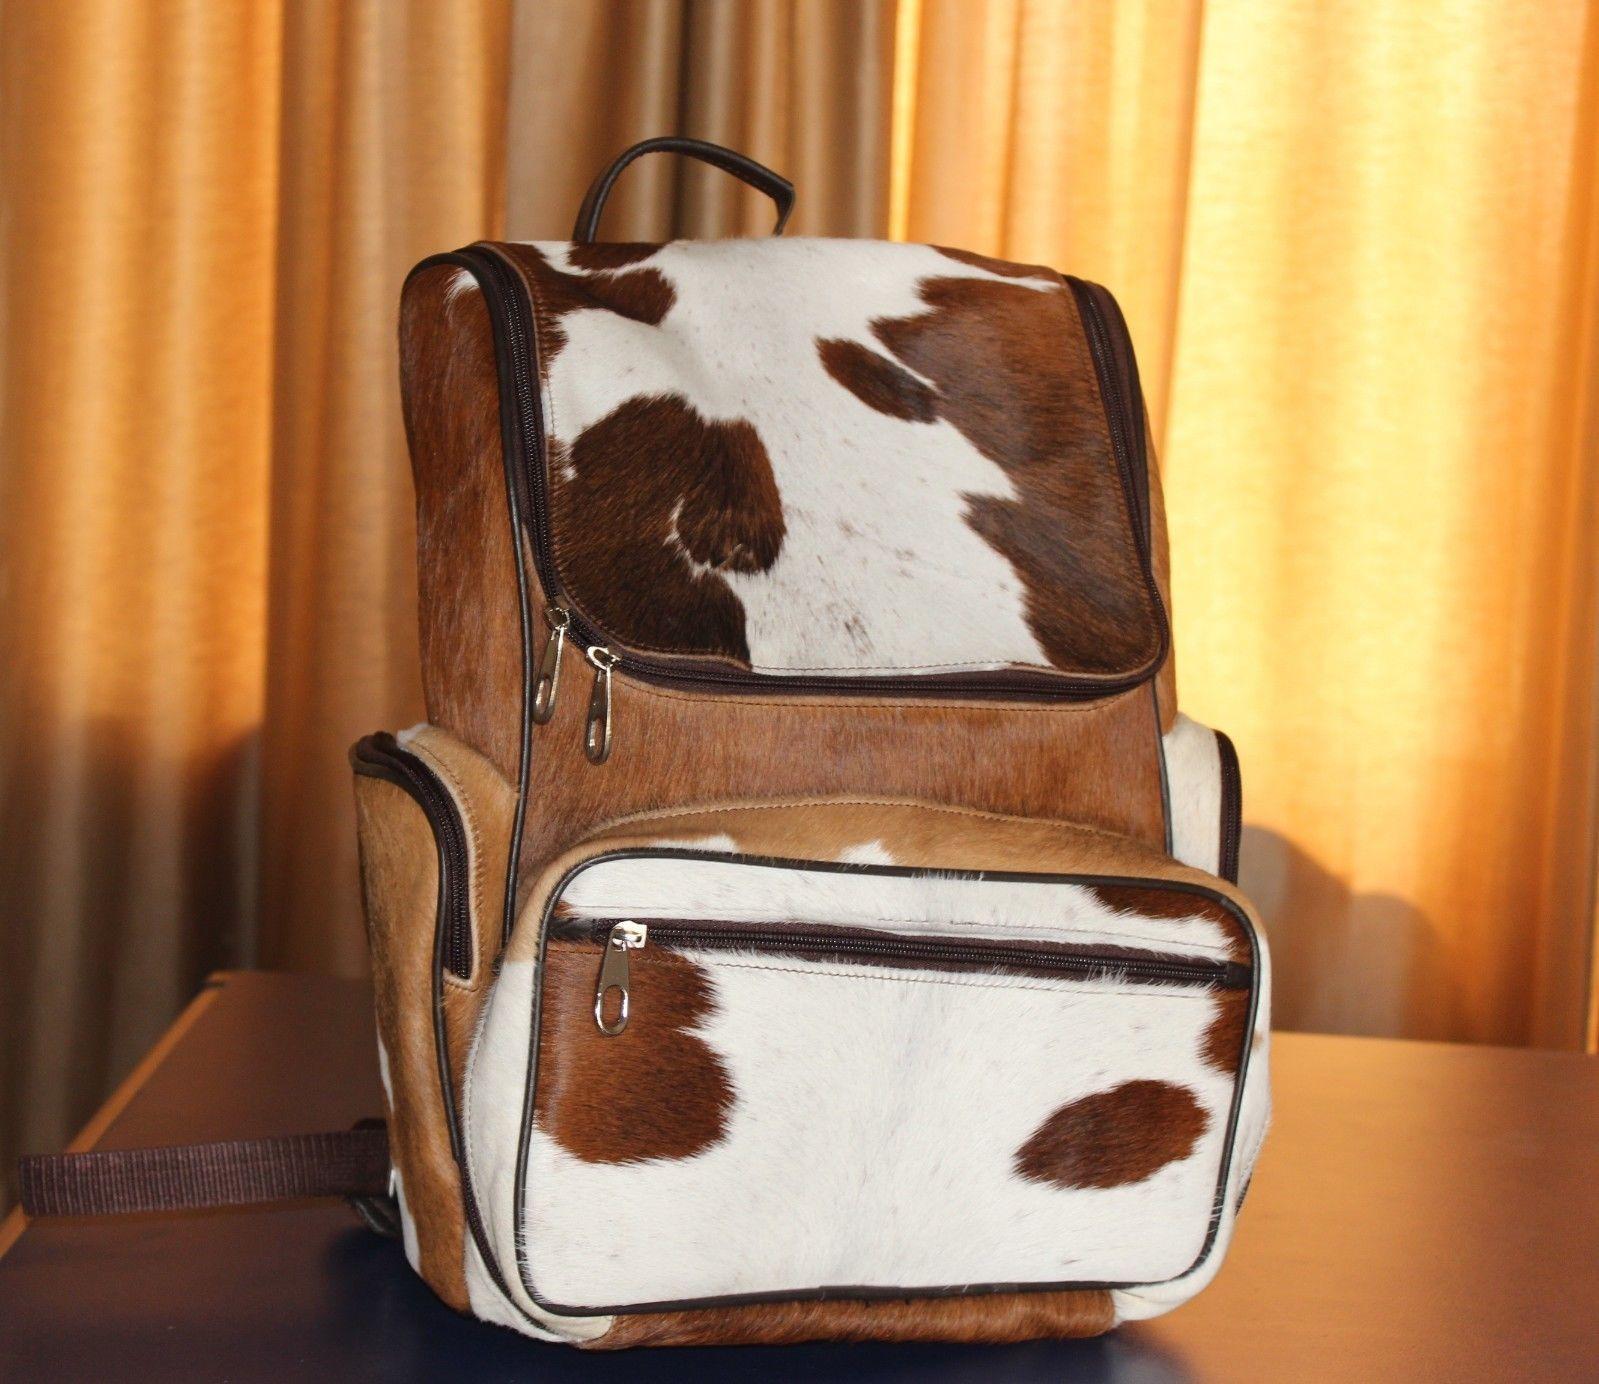 Cowhair Backpack natural leather ladies Genuine Cowhide Weekender Shoulder Bags